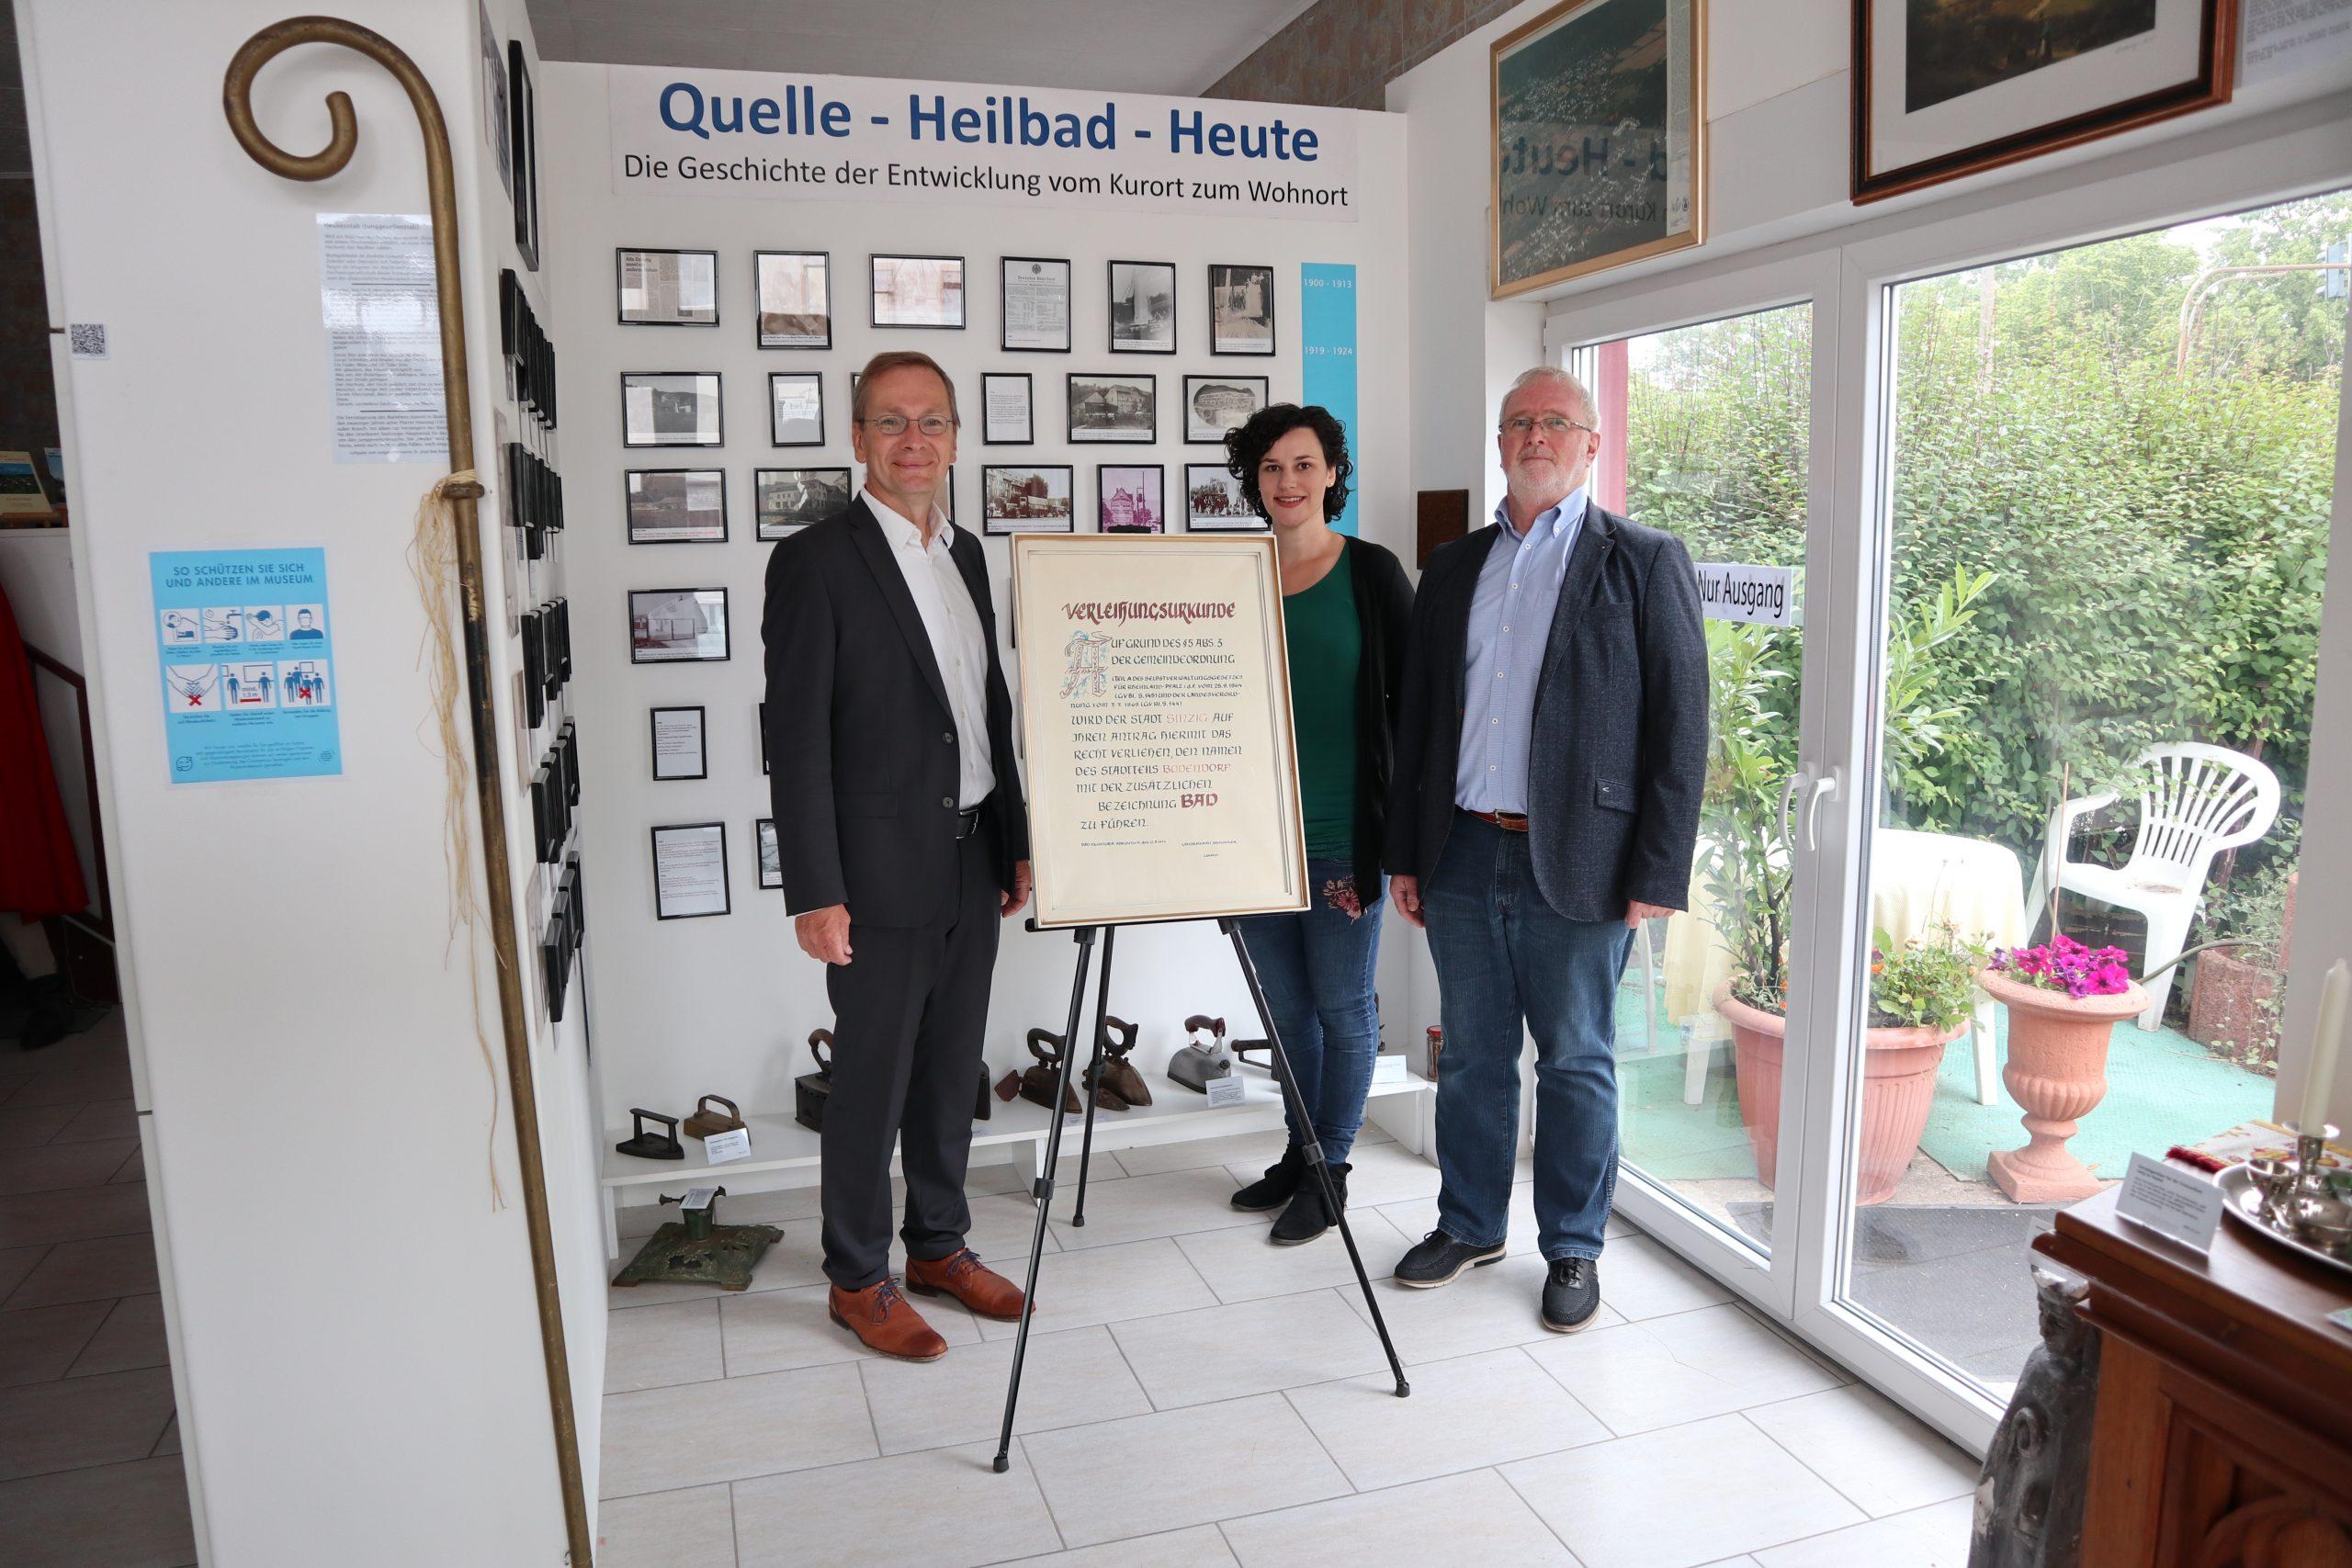 Übergabe der Urkunde zur Verleihung des Bad-Titels im Heimatmuseum Bad Bodendorf